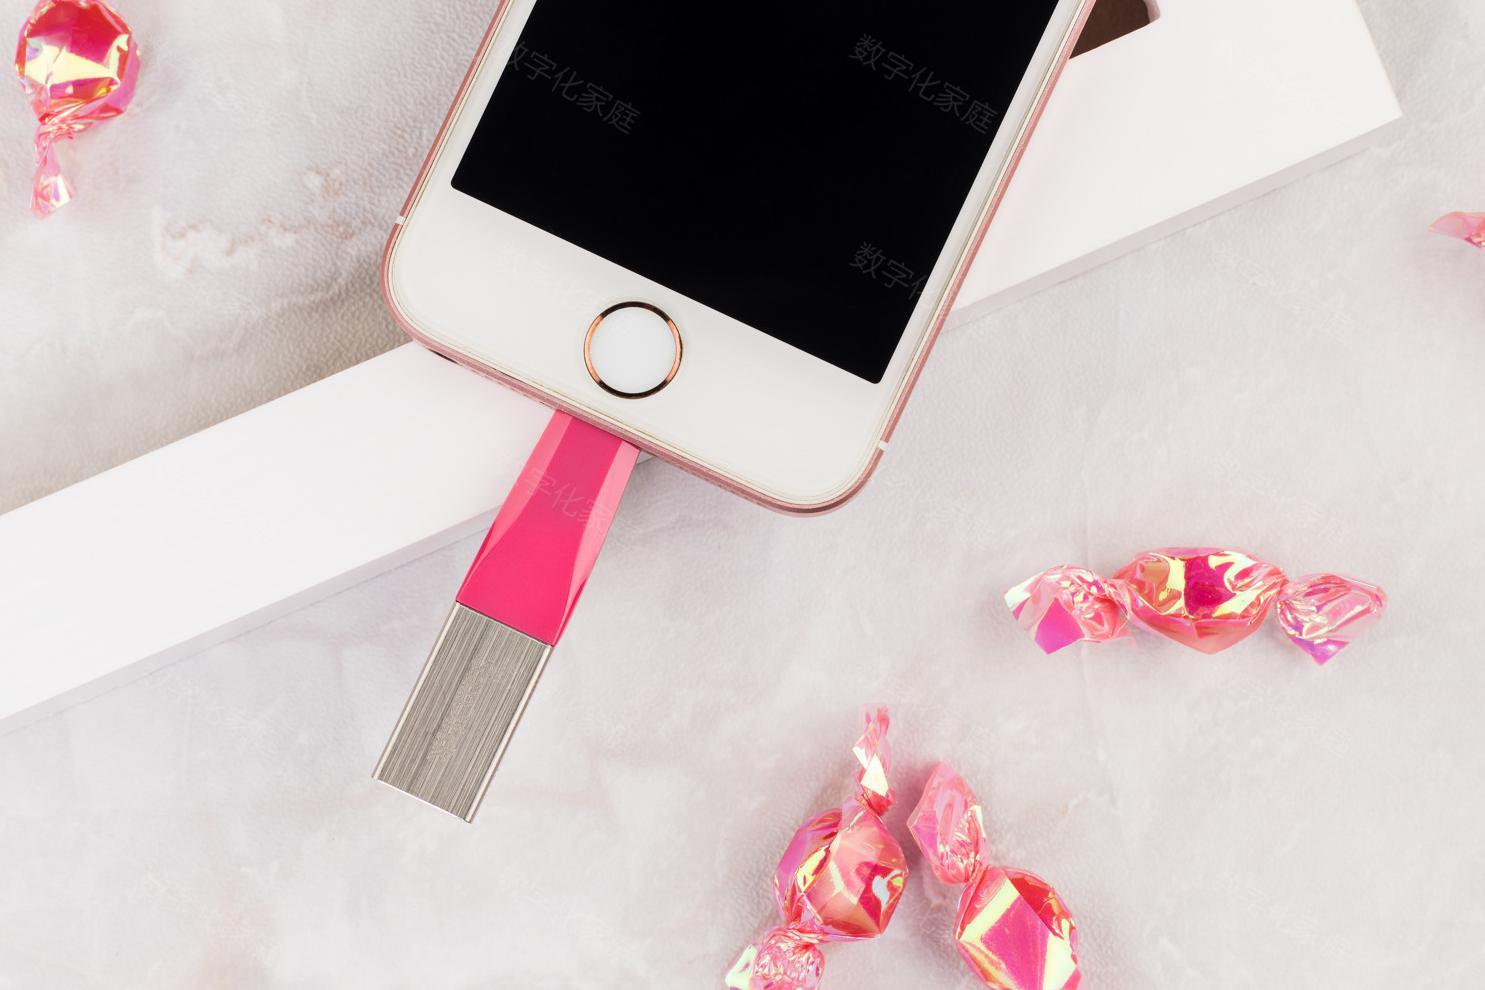 iPhone的照片,这么备份就对了